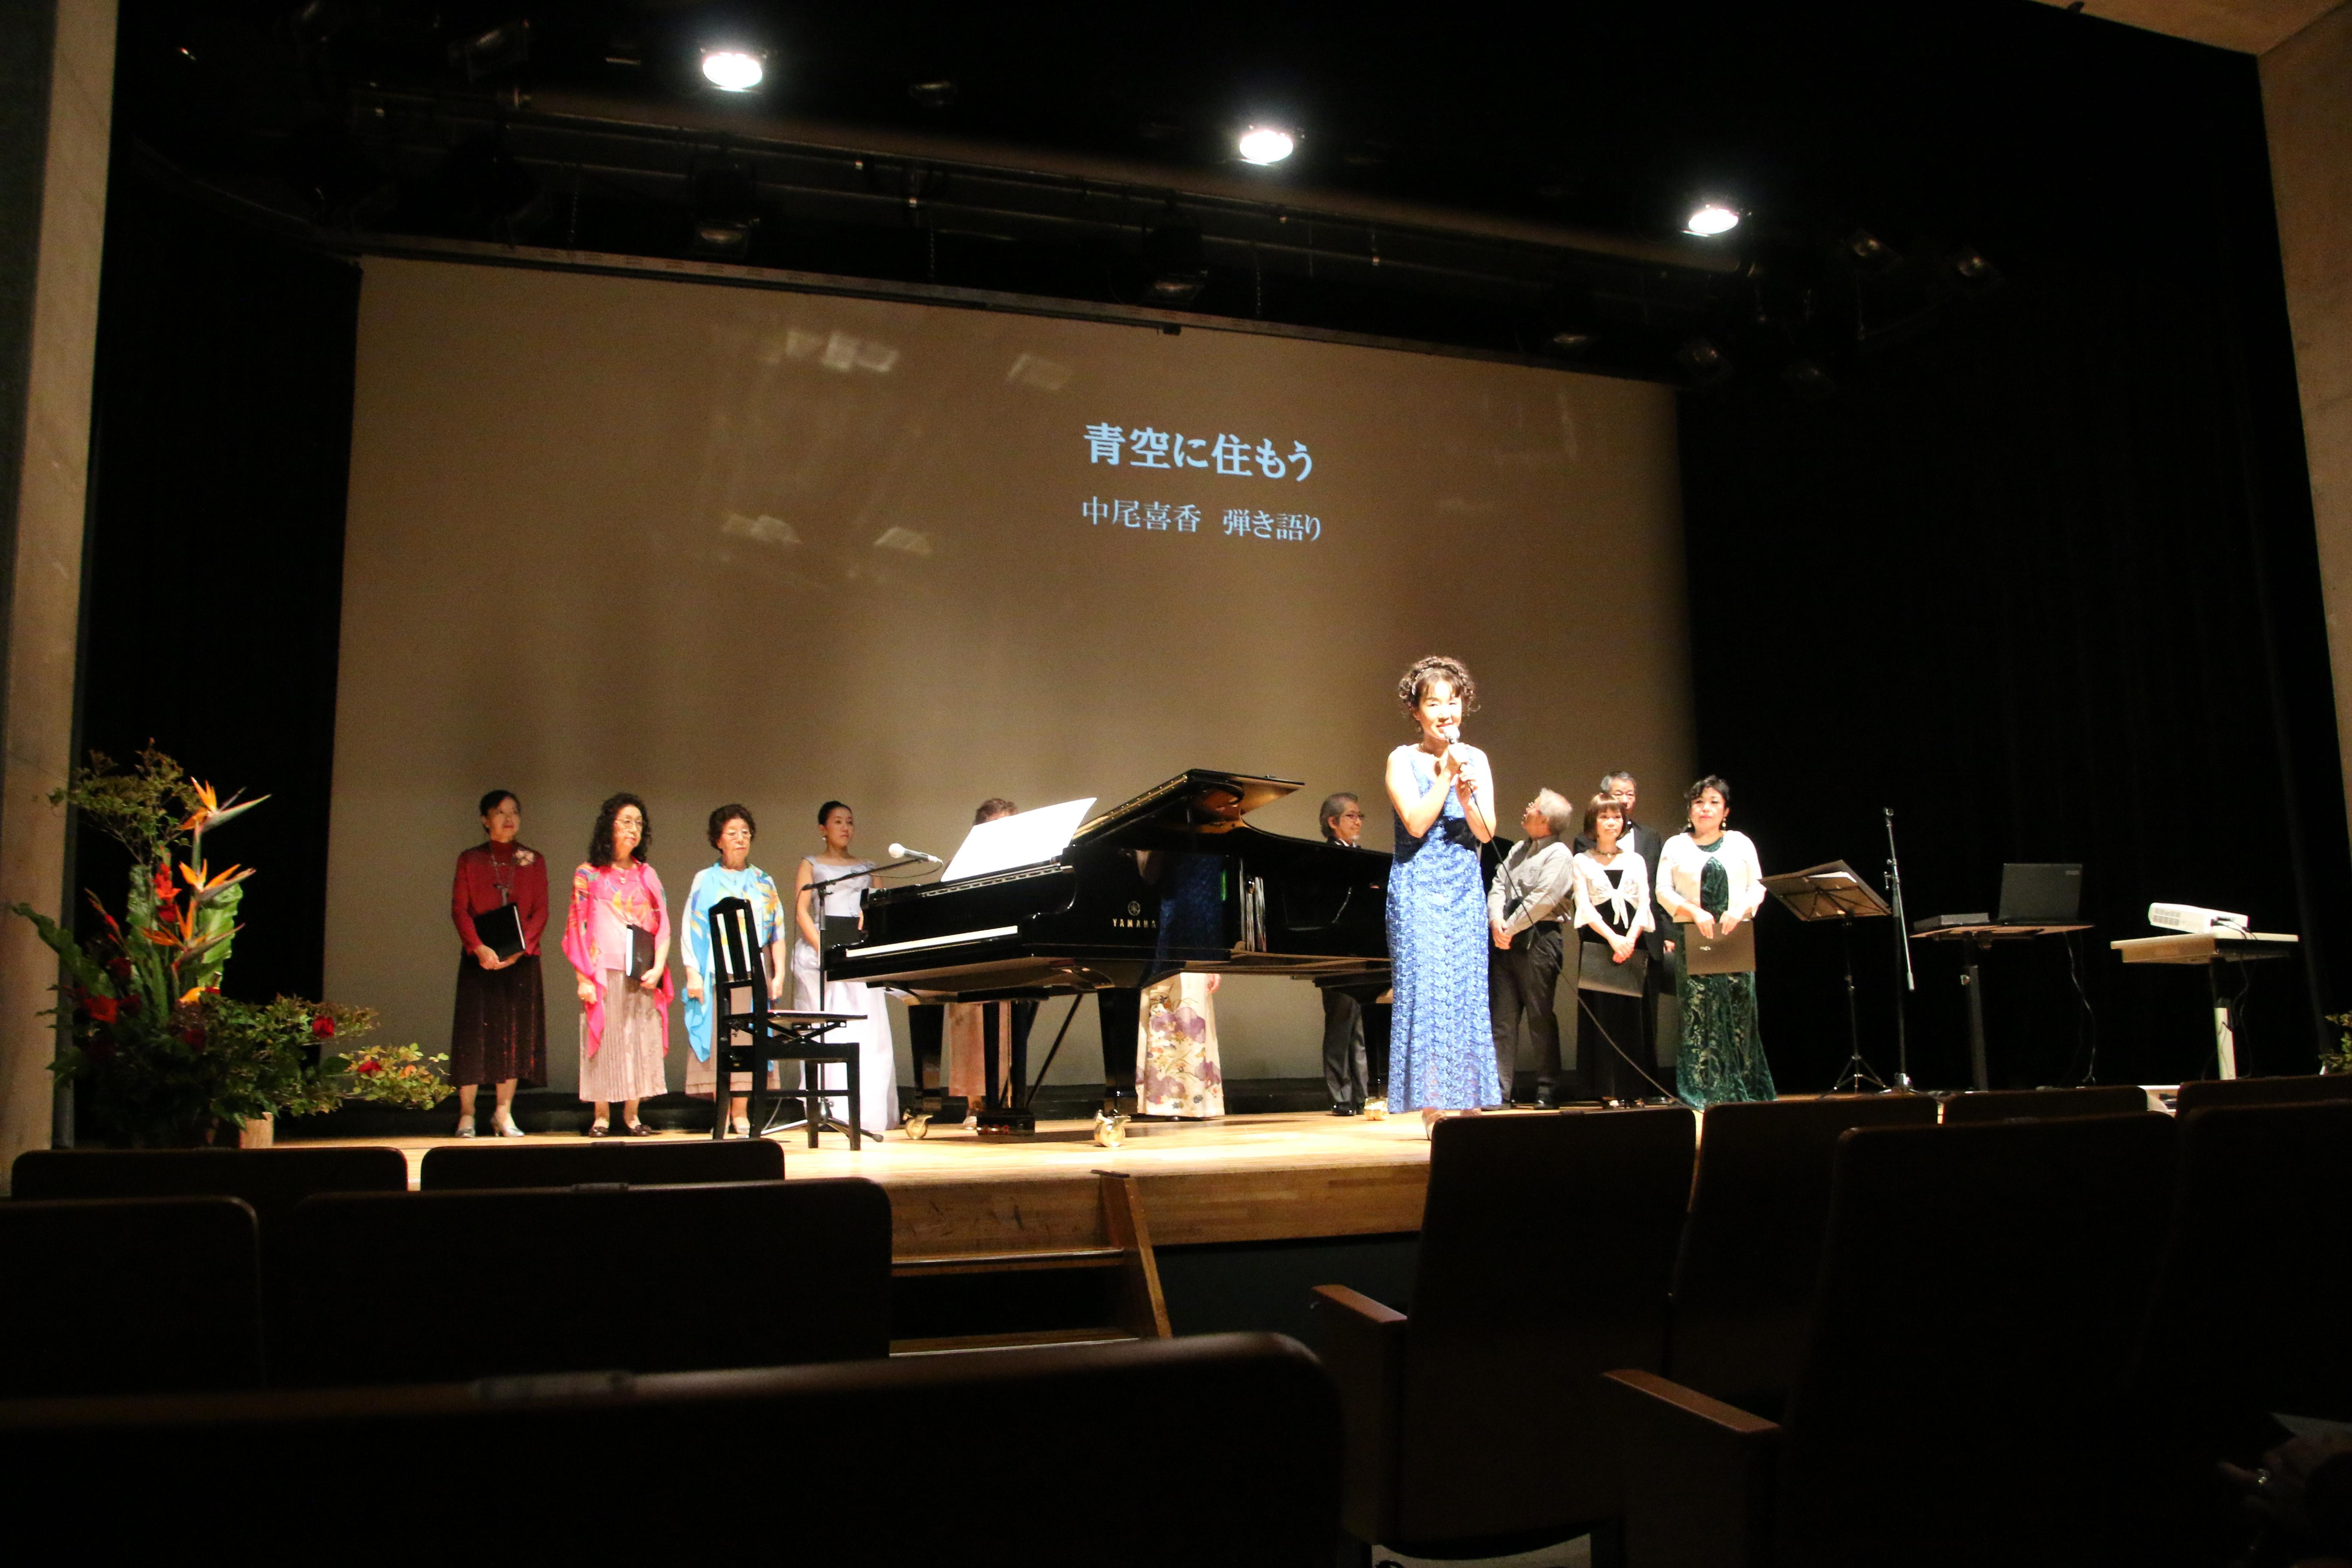 カンツォーネ☆カフェコンサート2015